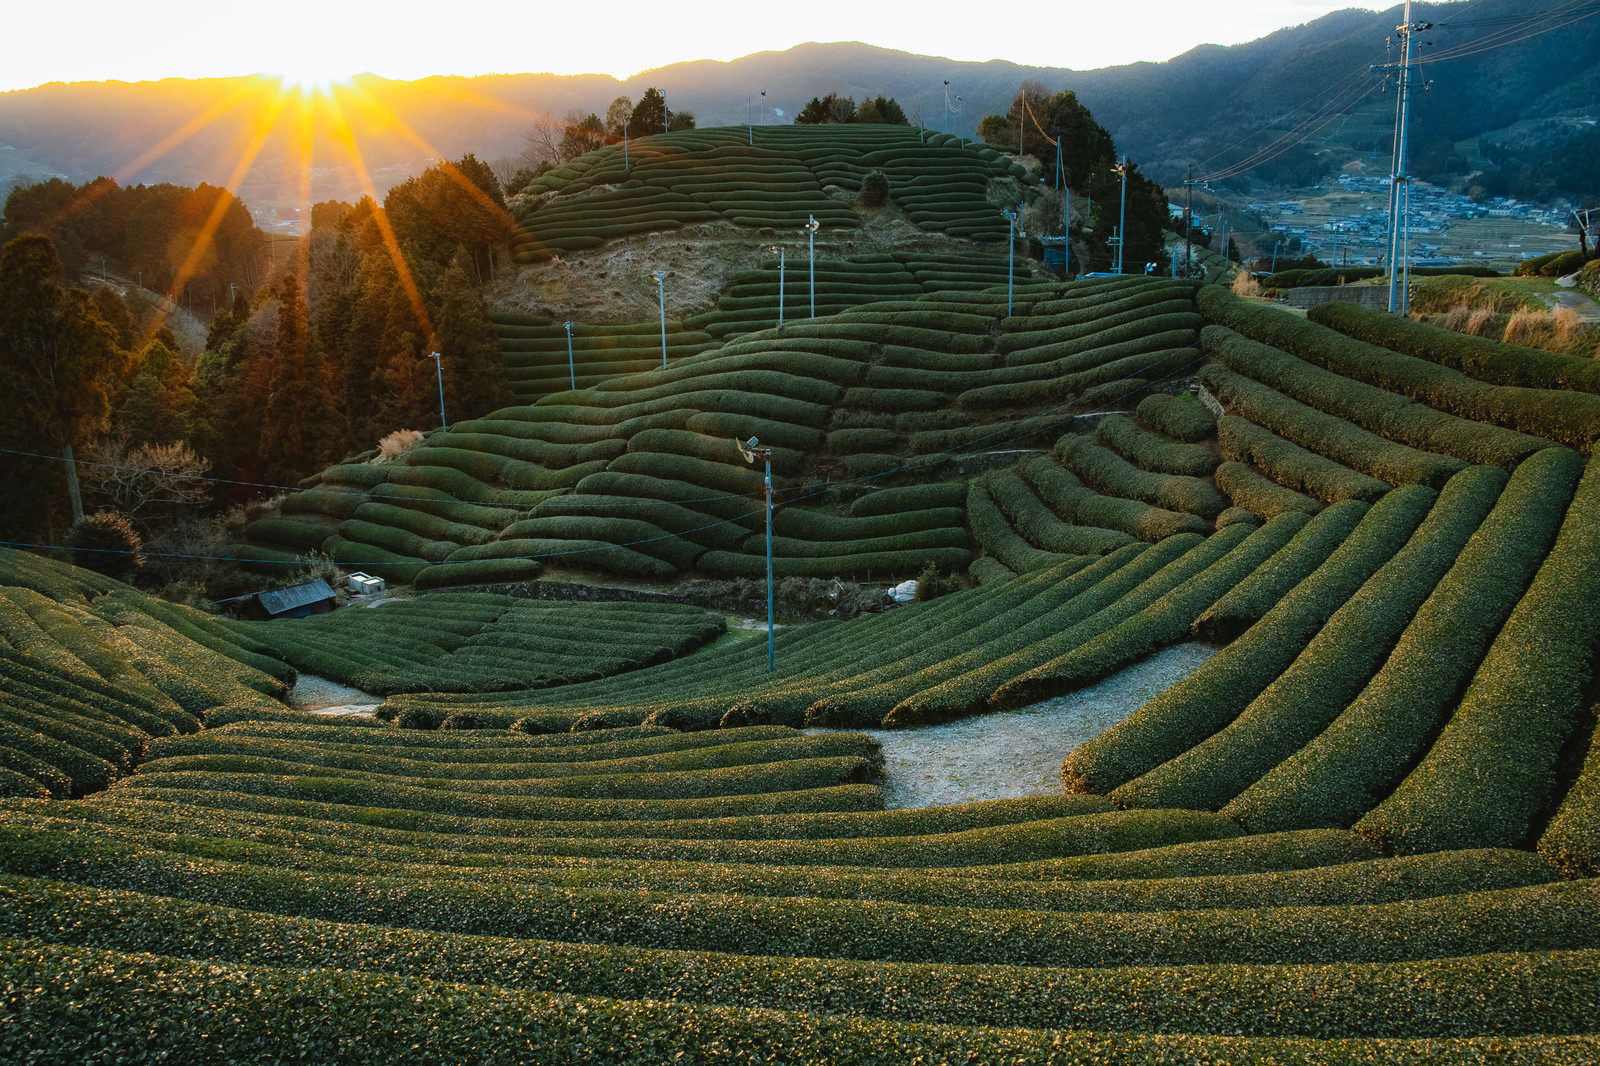 「京都和束の夕暮れ京都和束の夕暮れ」のフリー写真素材を拡大